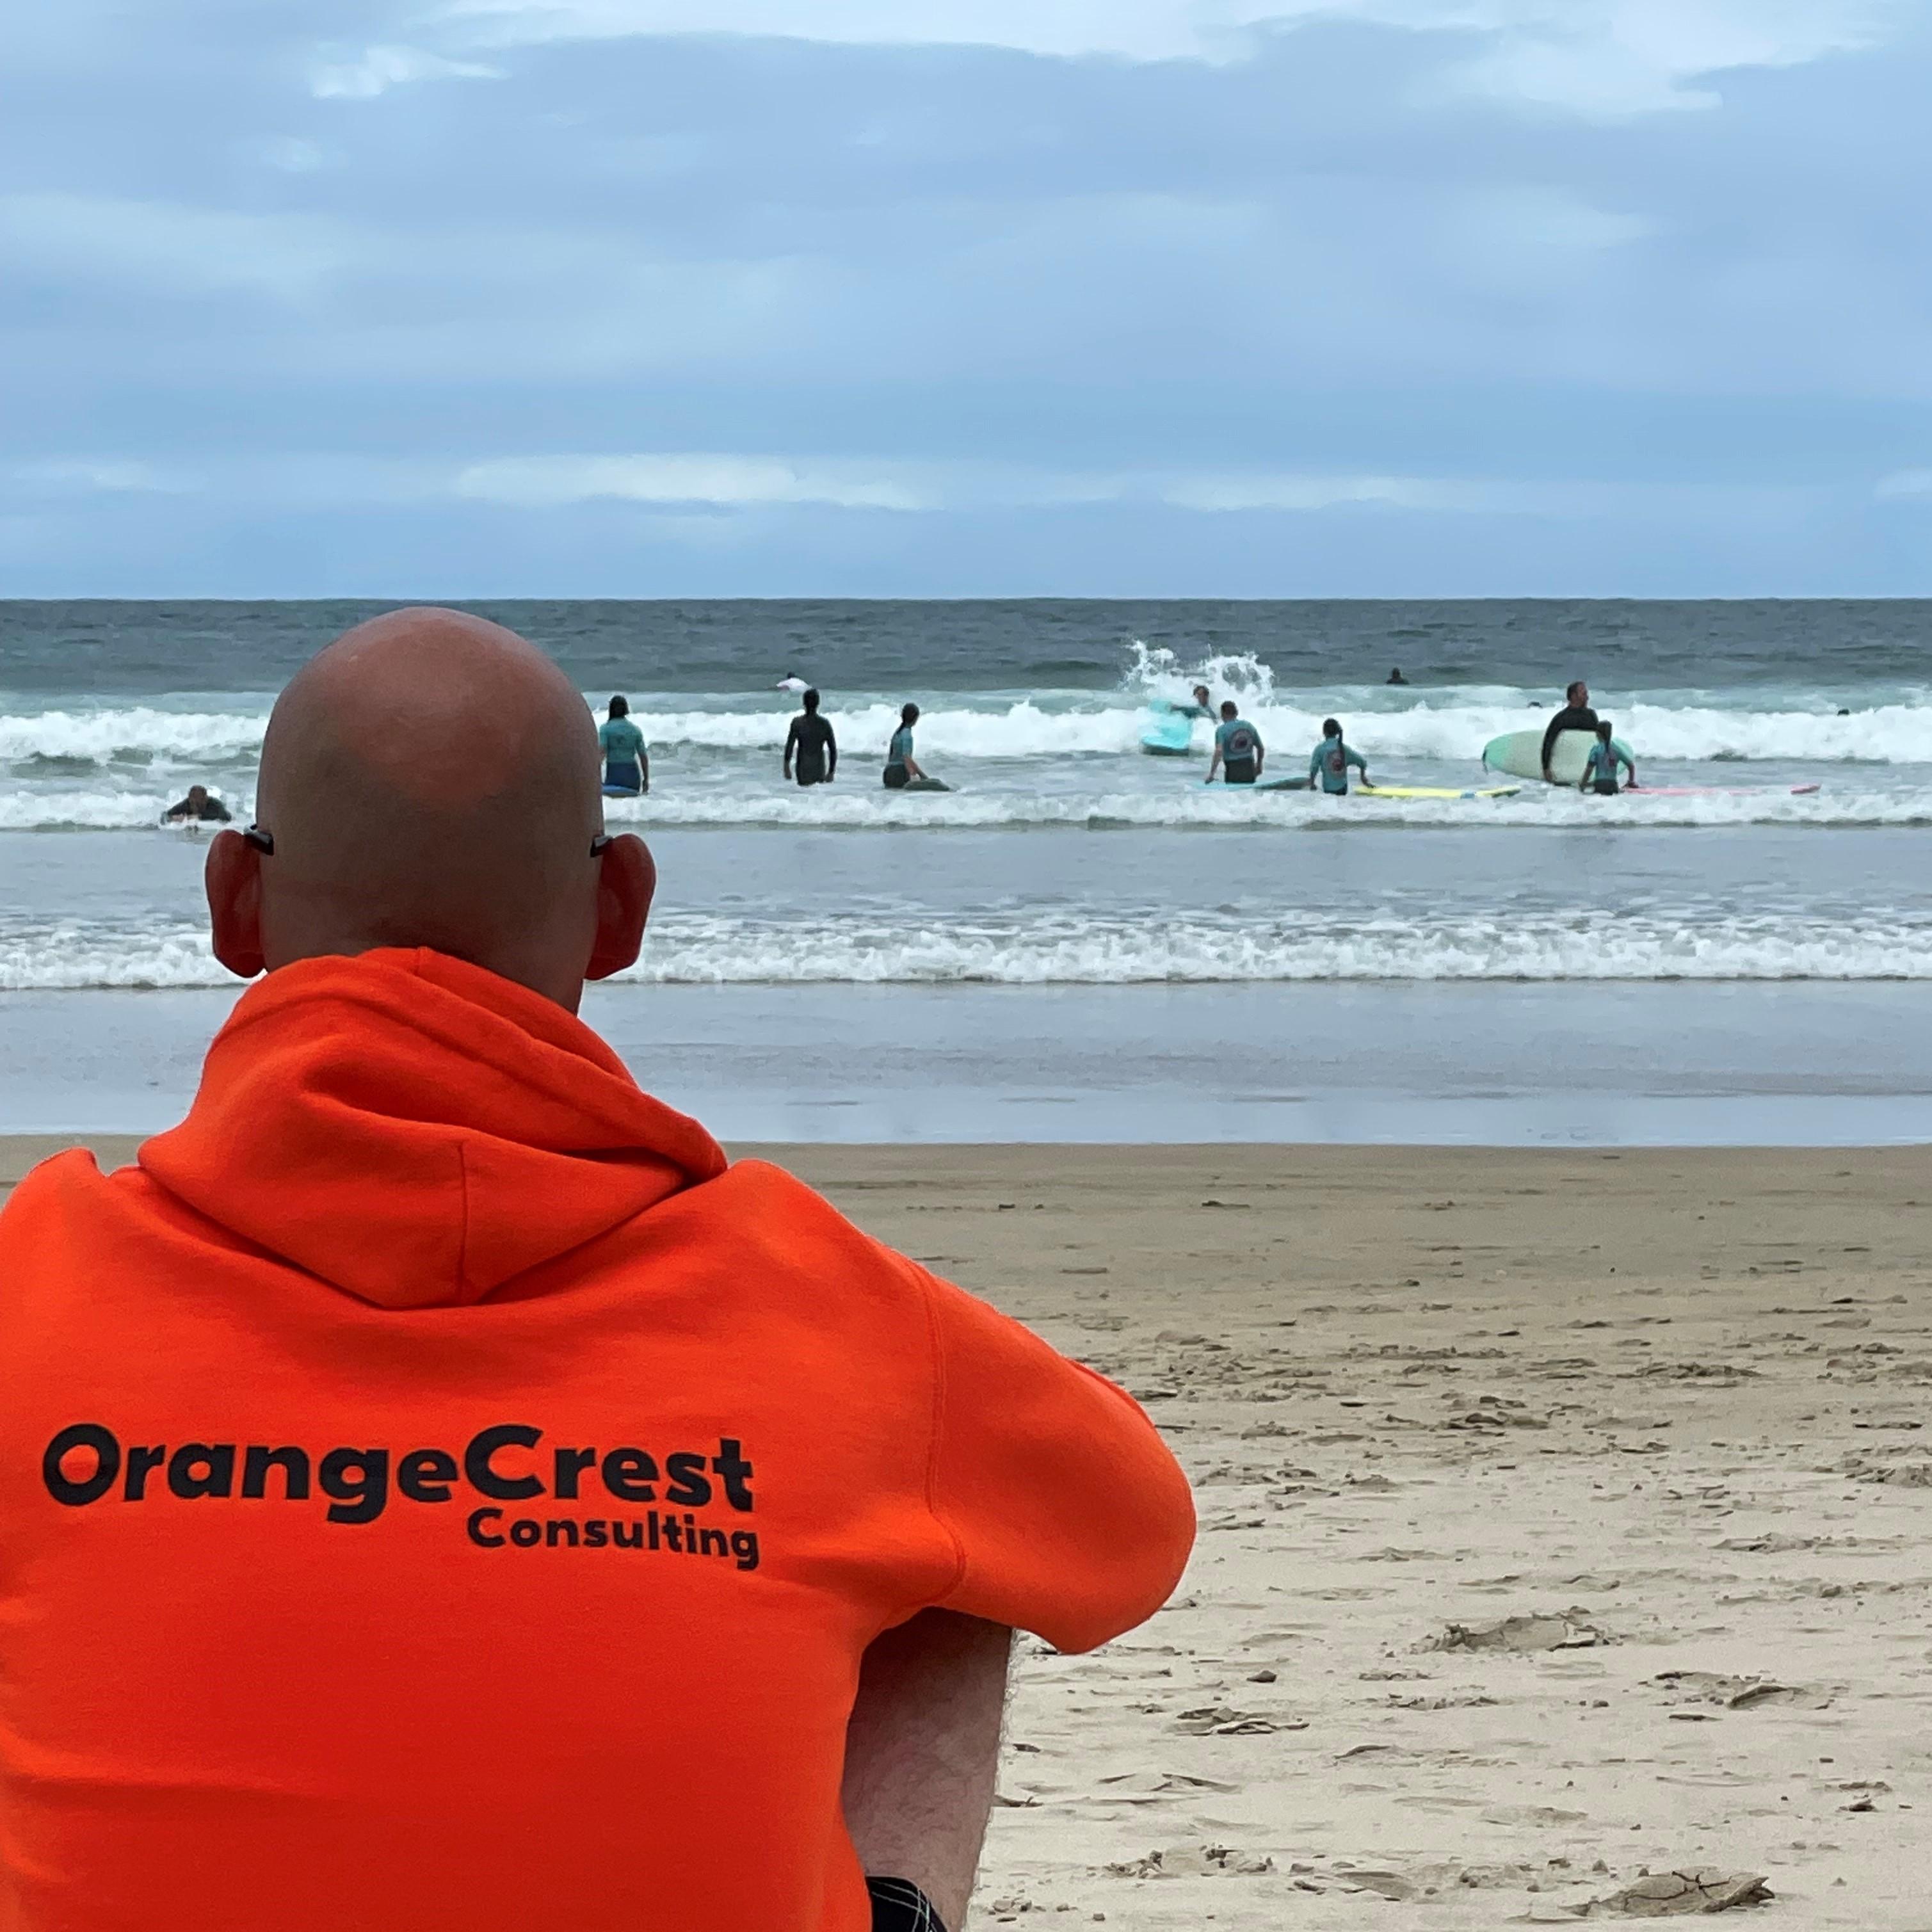 Daarom past surfen zo goed bij OrangeCrest!